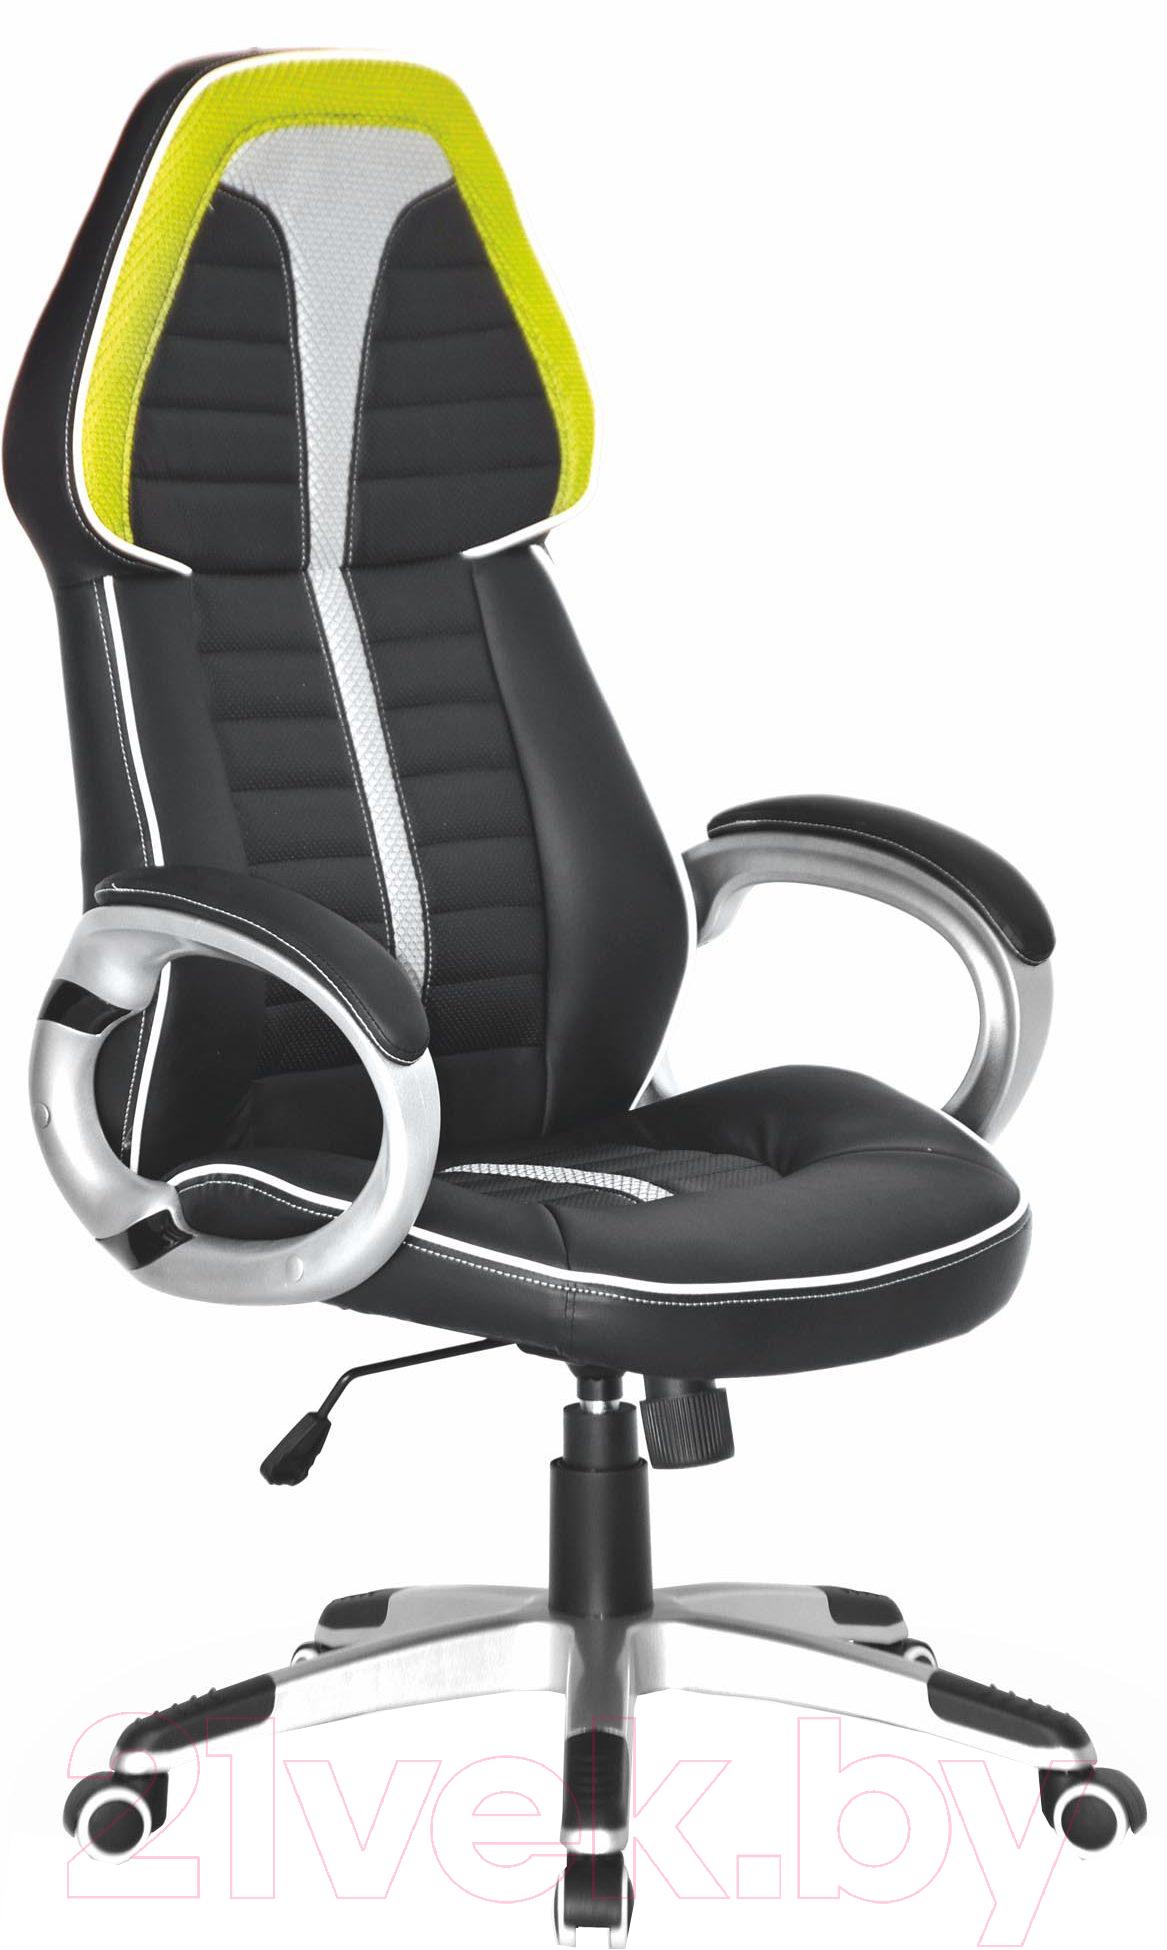 Купить Кресло офисное Halmar, Signet (черный/серый), Китай, Signet (Halmar)